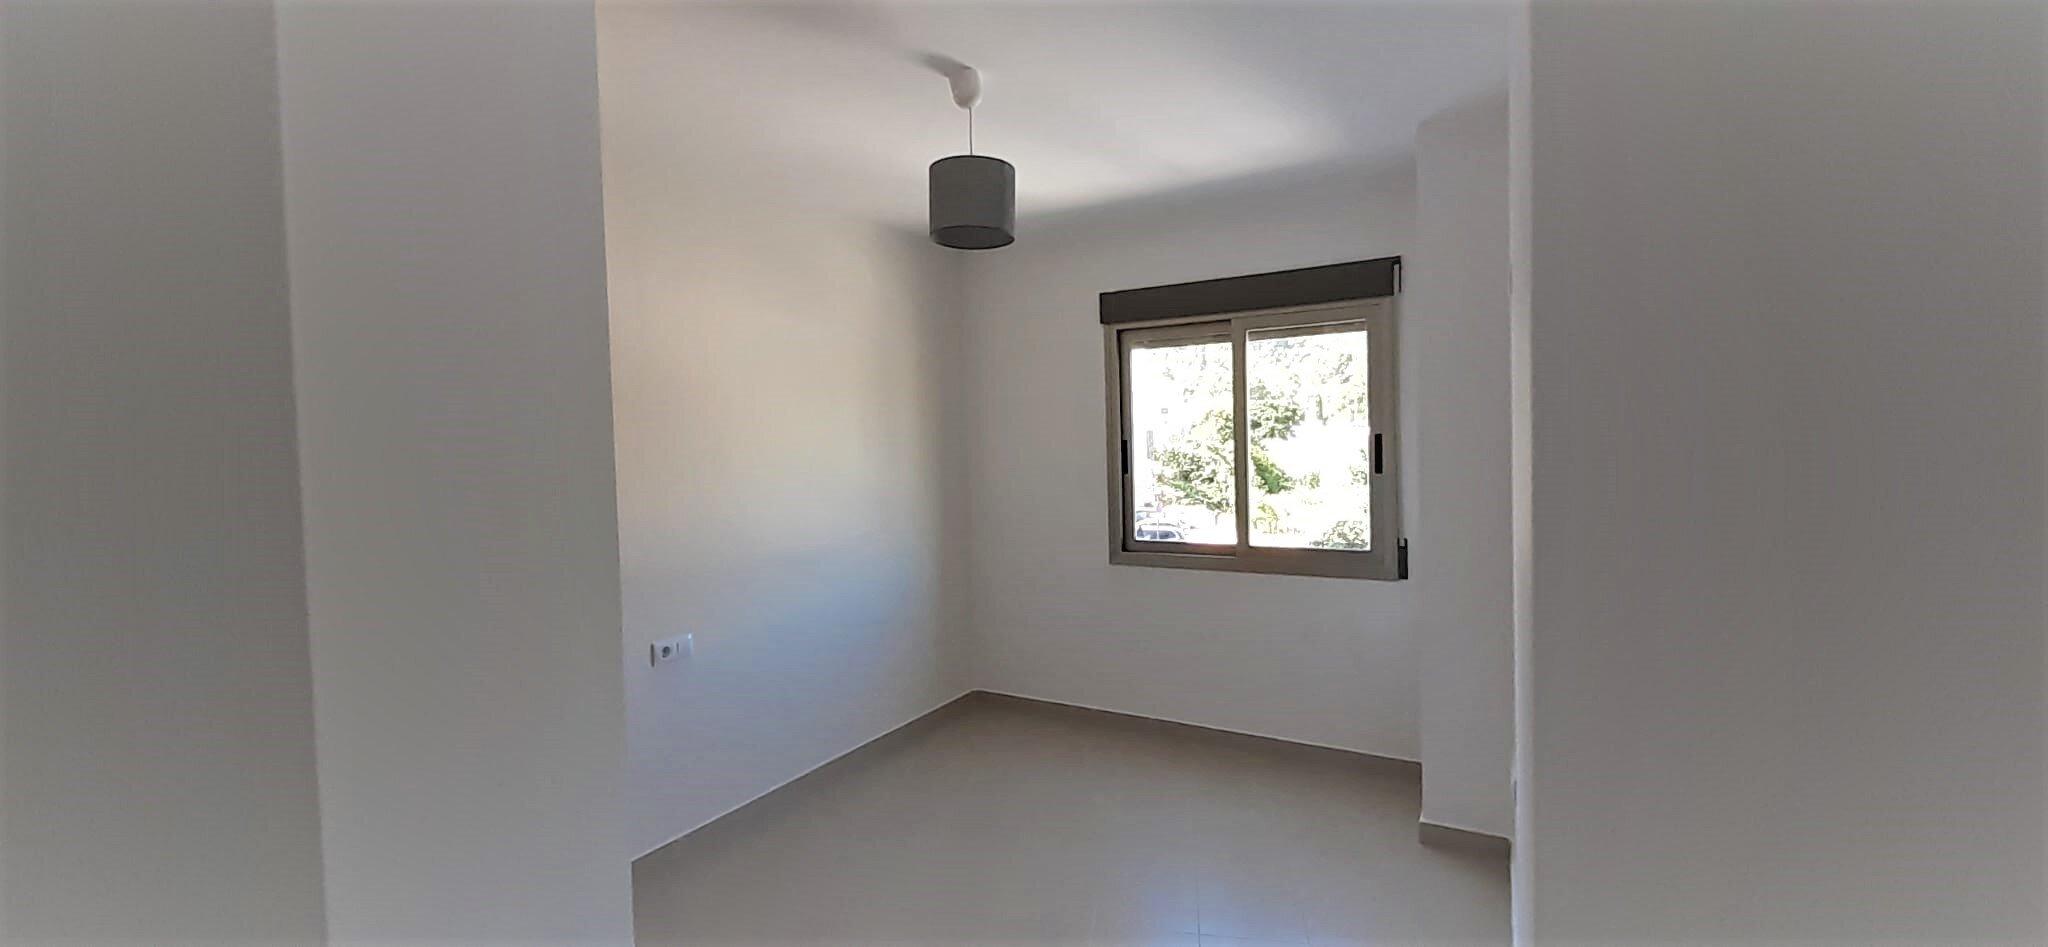 Photogallery - 16 - Olea-Home | Real Estate en Orba y Teulada-Moraira |